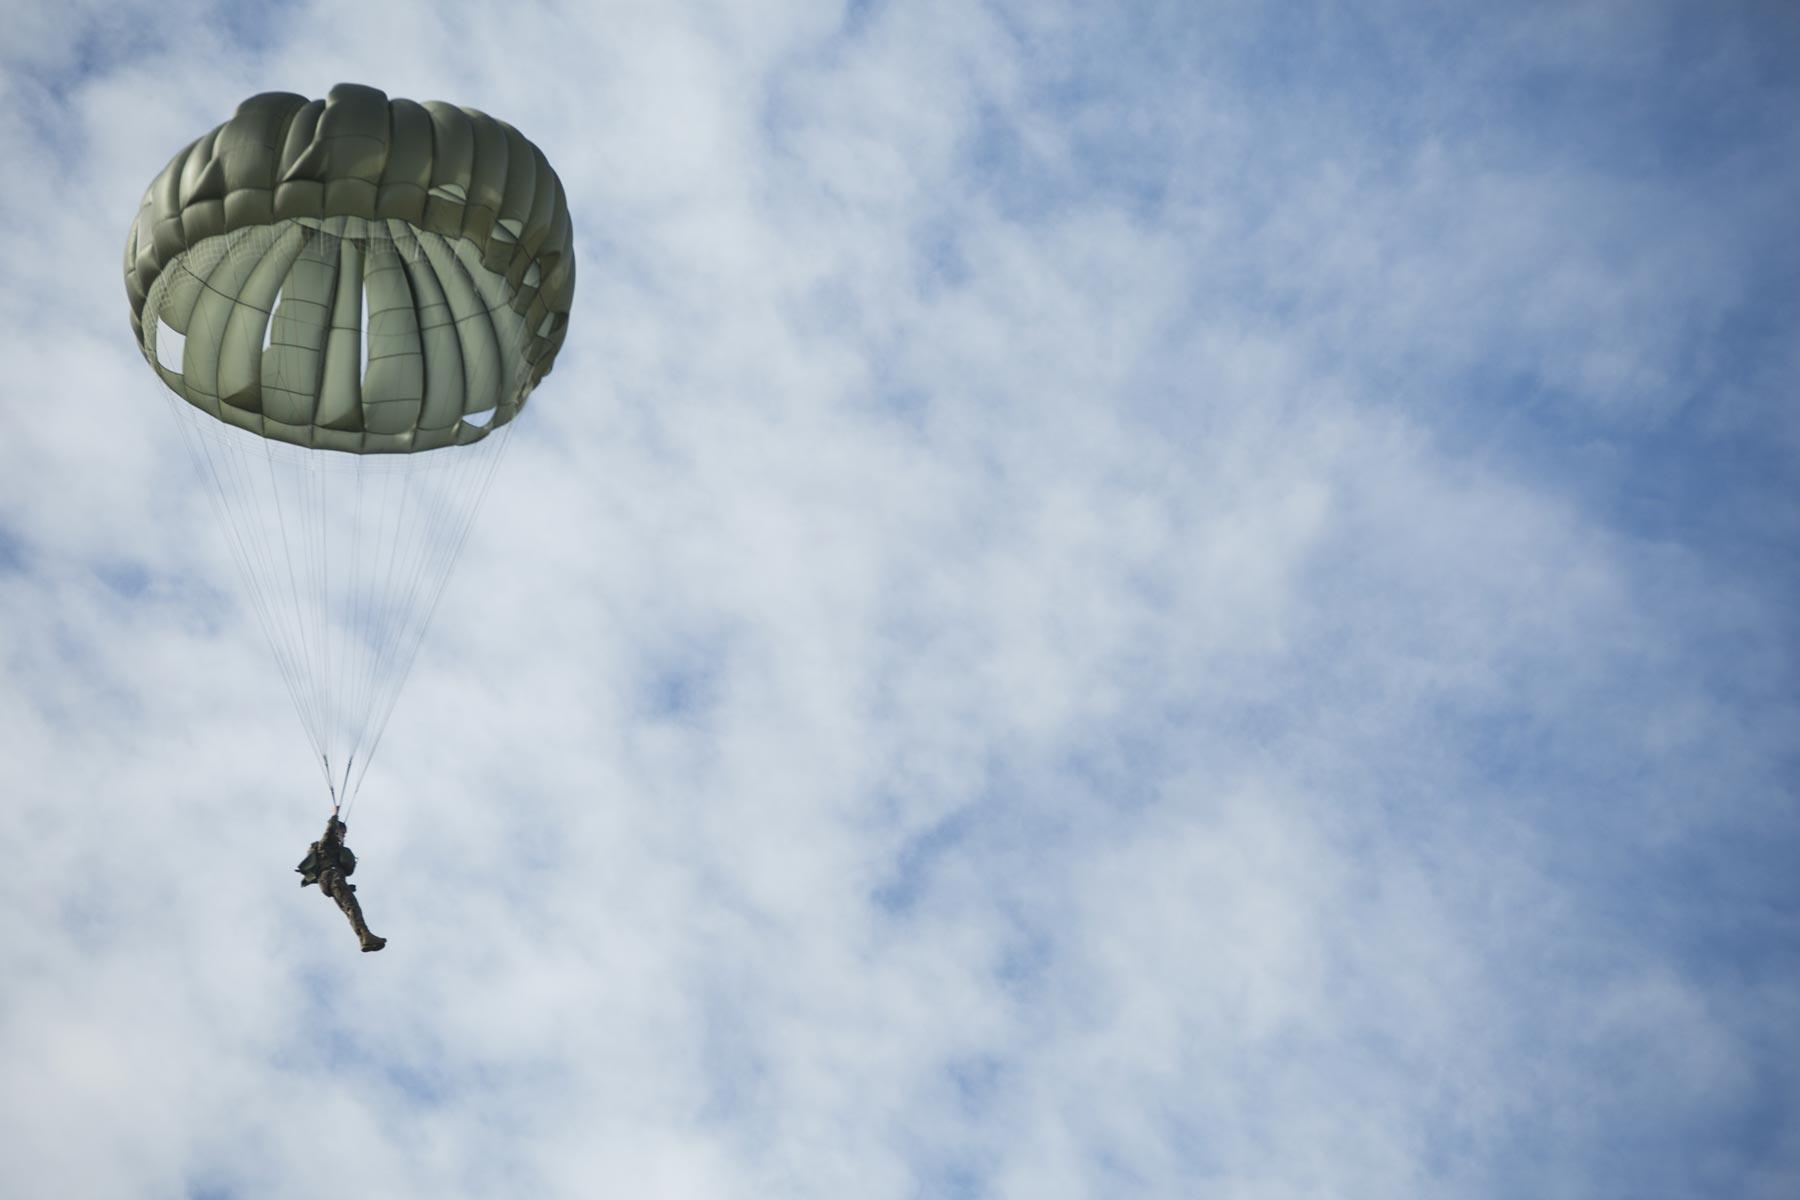 marine dies in parachute accident in arizona